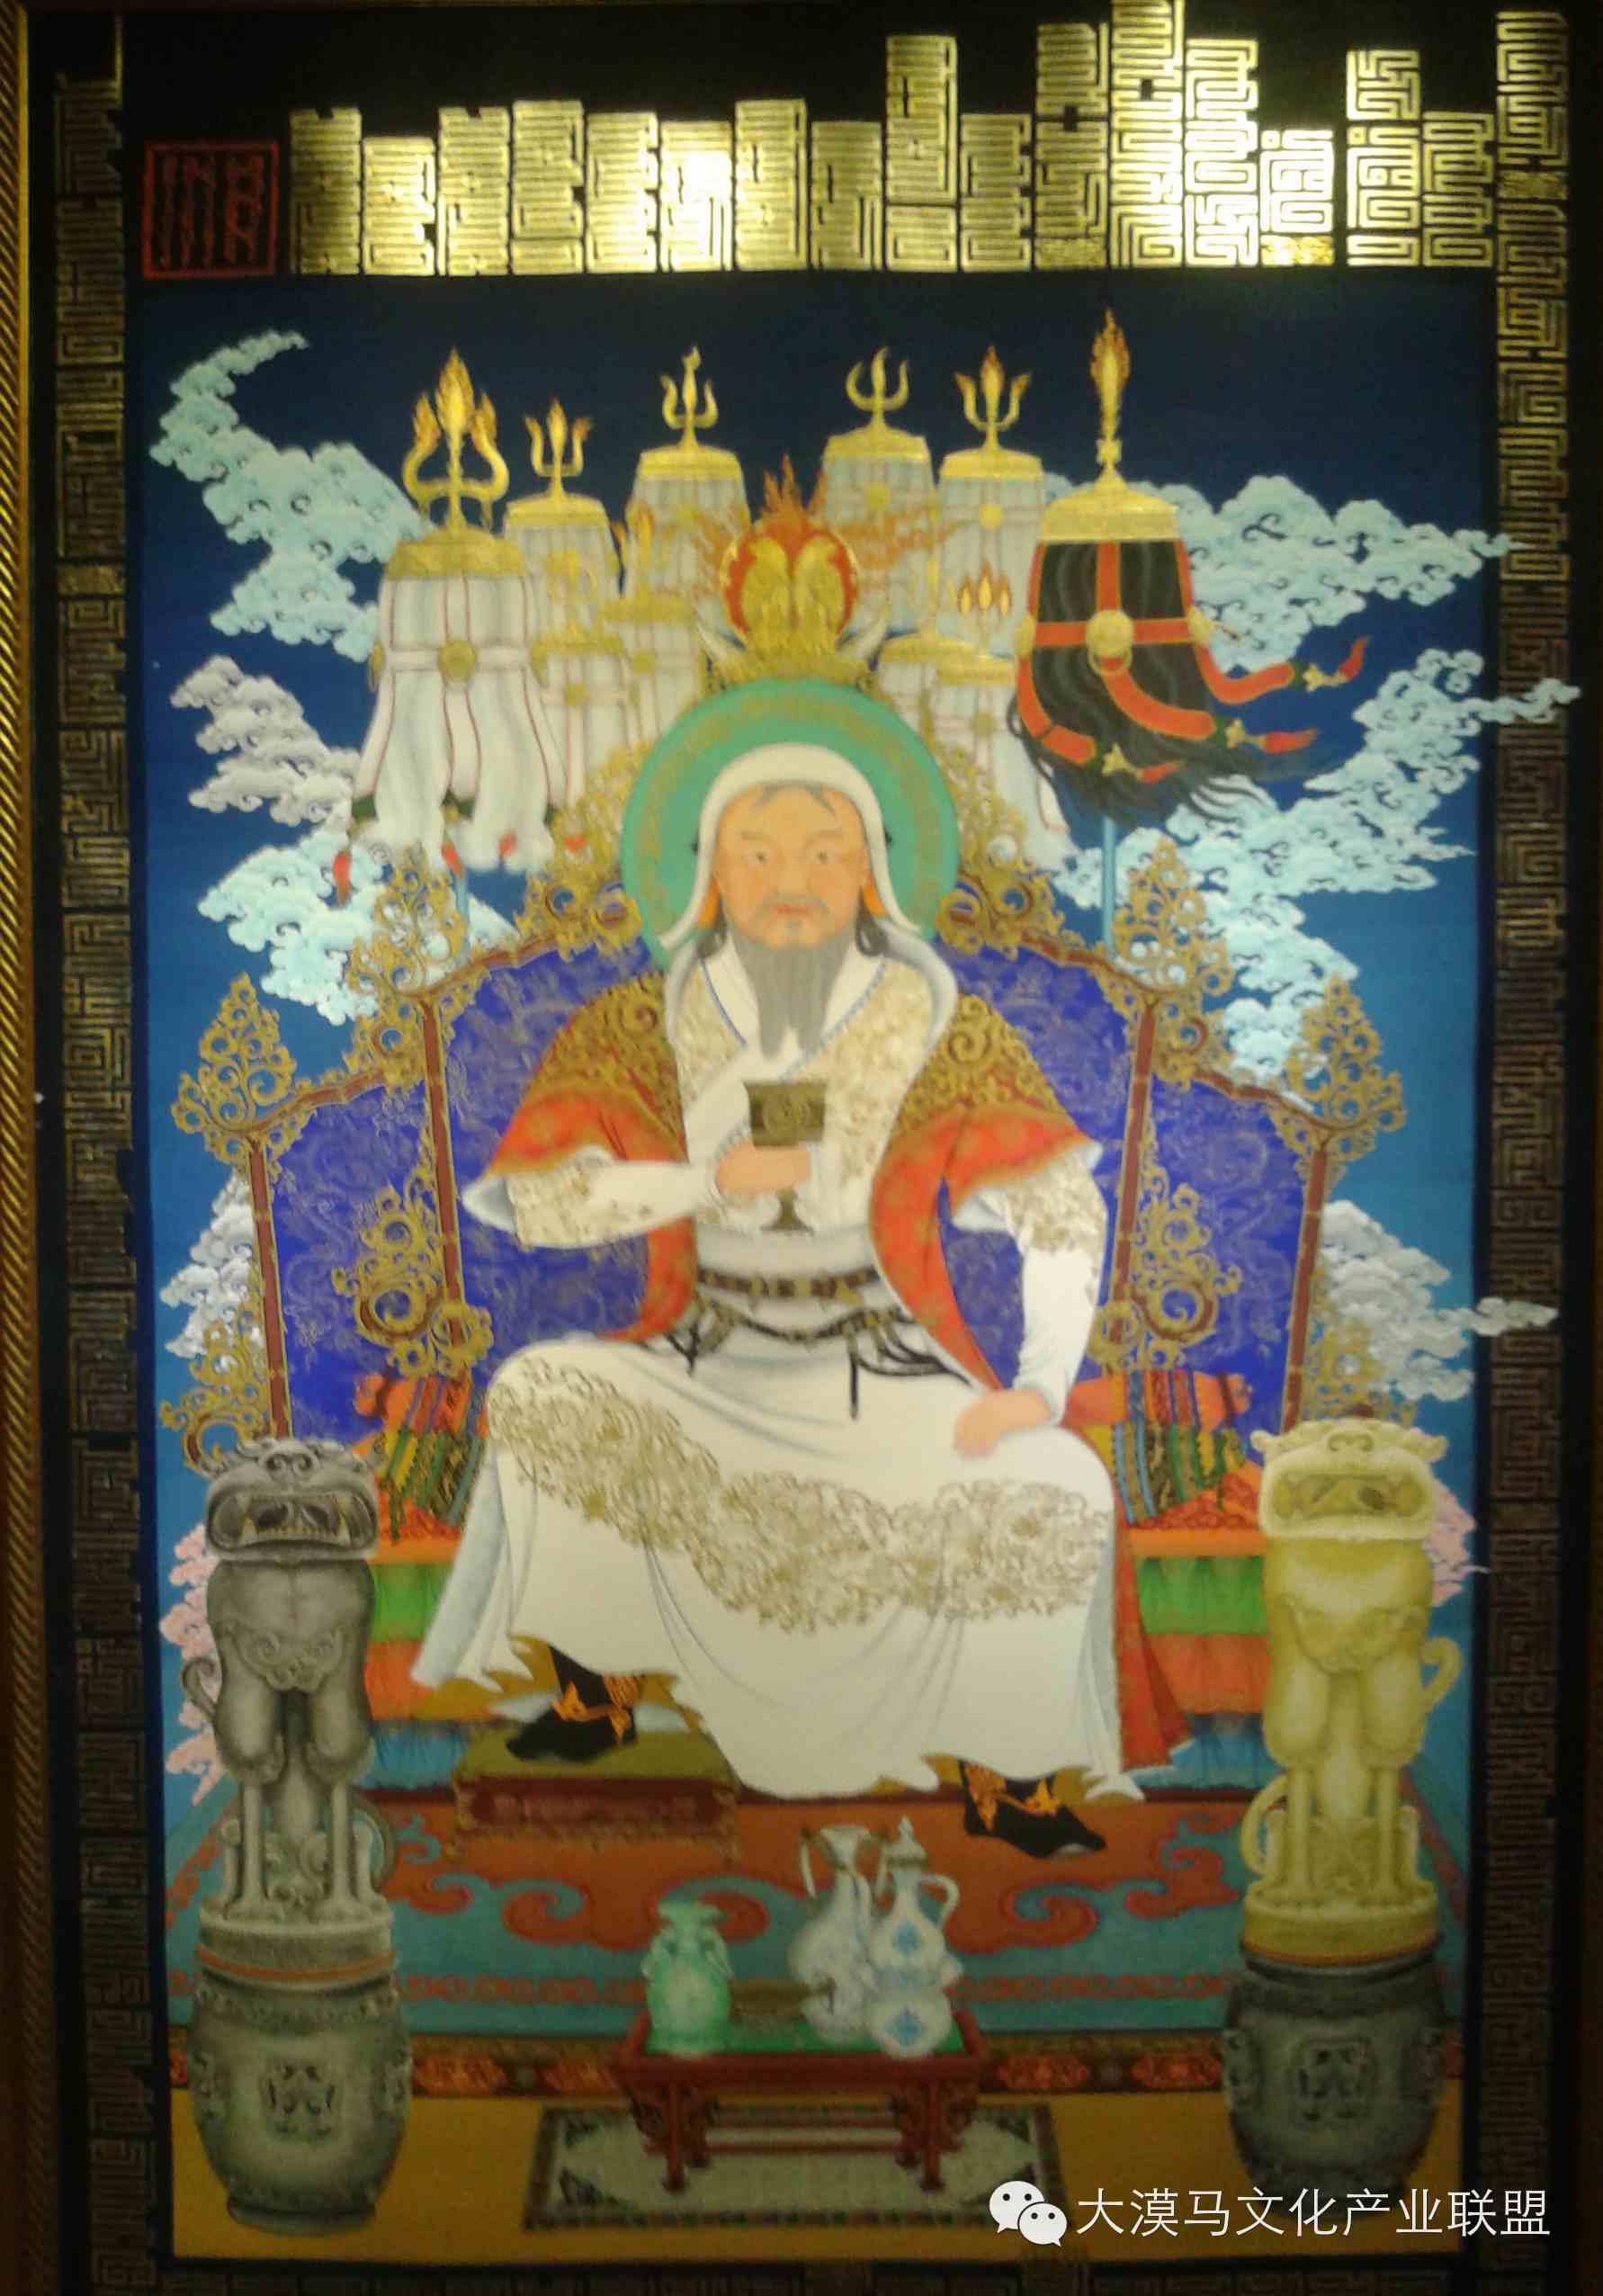 大召当代艺术中心蒙古国画家【拉·苏和巴特尔】 第10张 大召当代艺术中心蒙古国画家【拉·苏和巴特尔】 蒙古画廊